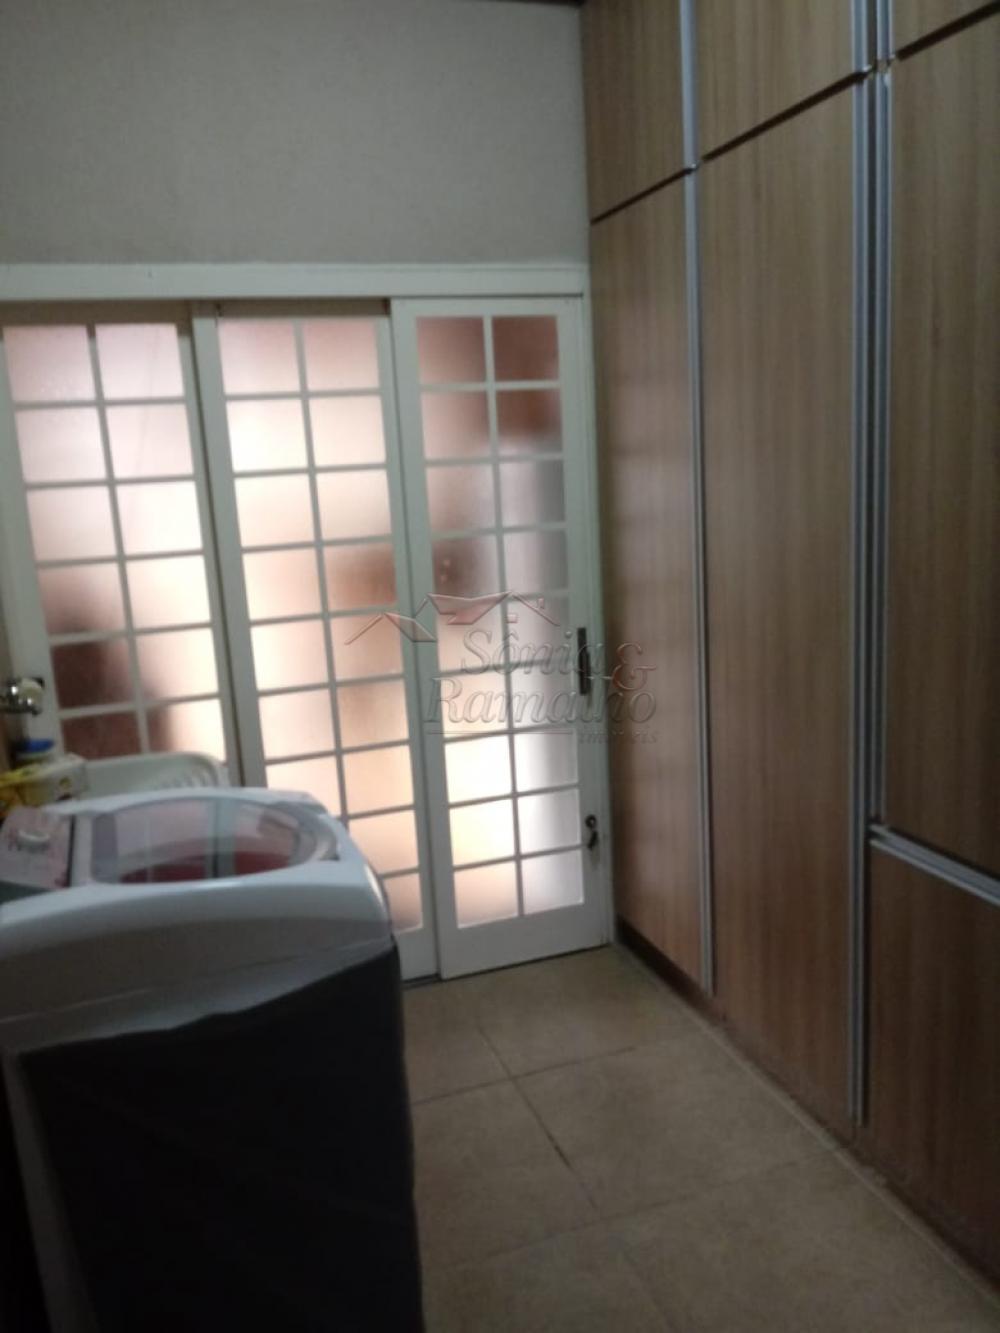 Comprar Casas / Padrão em Sertãozinho apenas R$ 535.000,00 - Foto 19